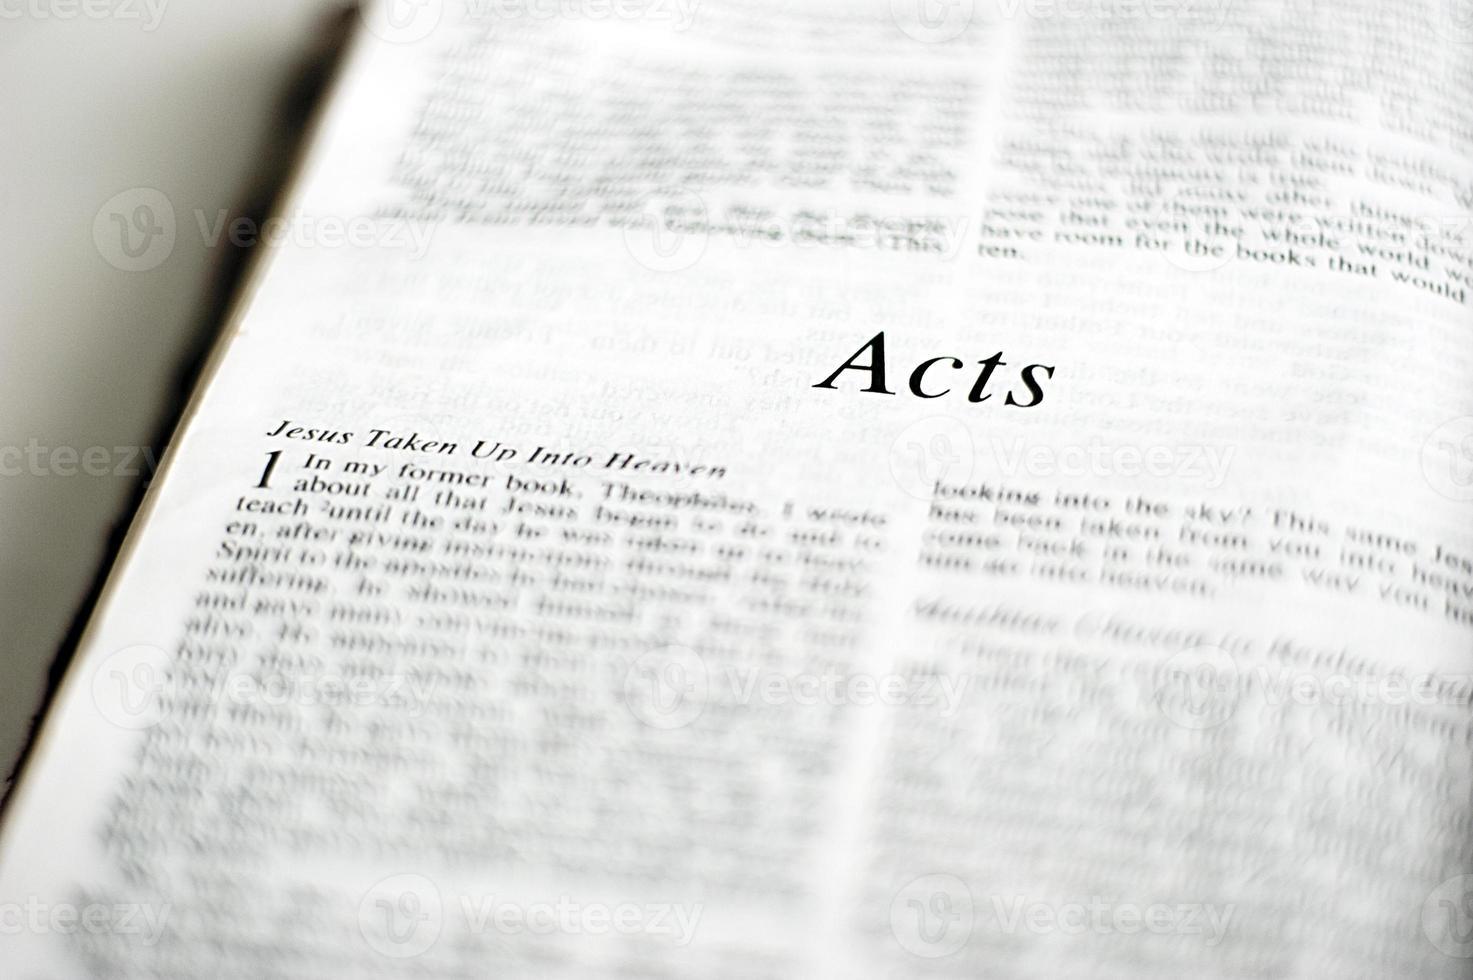 livro de atos na bíblia foto